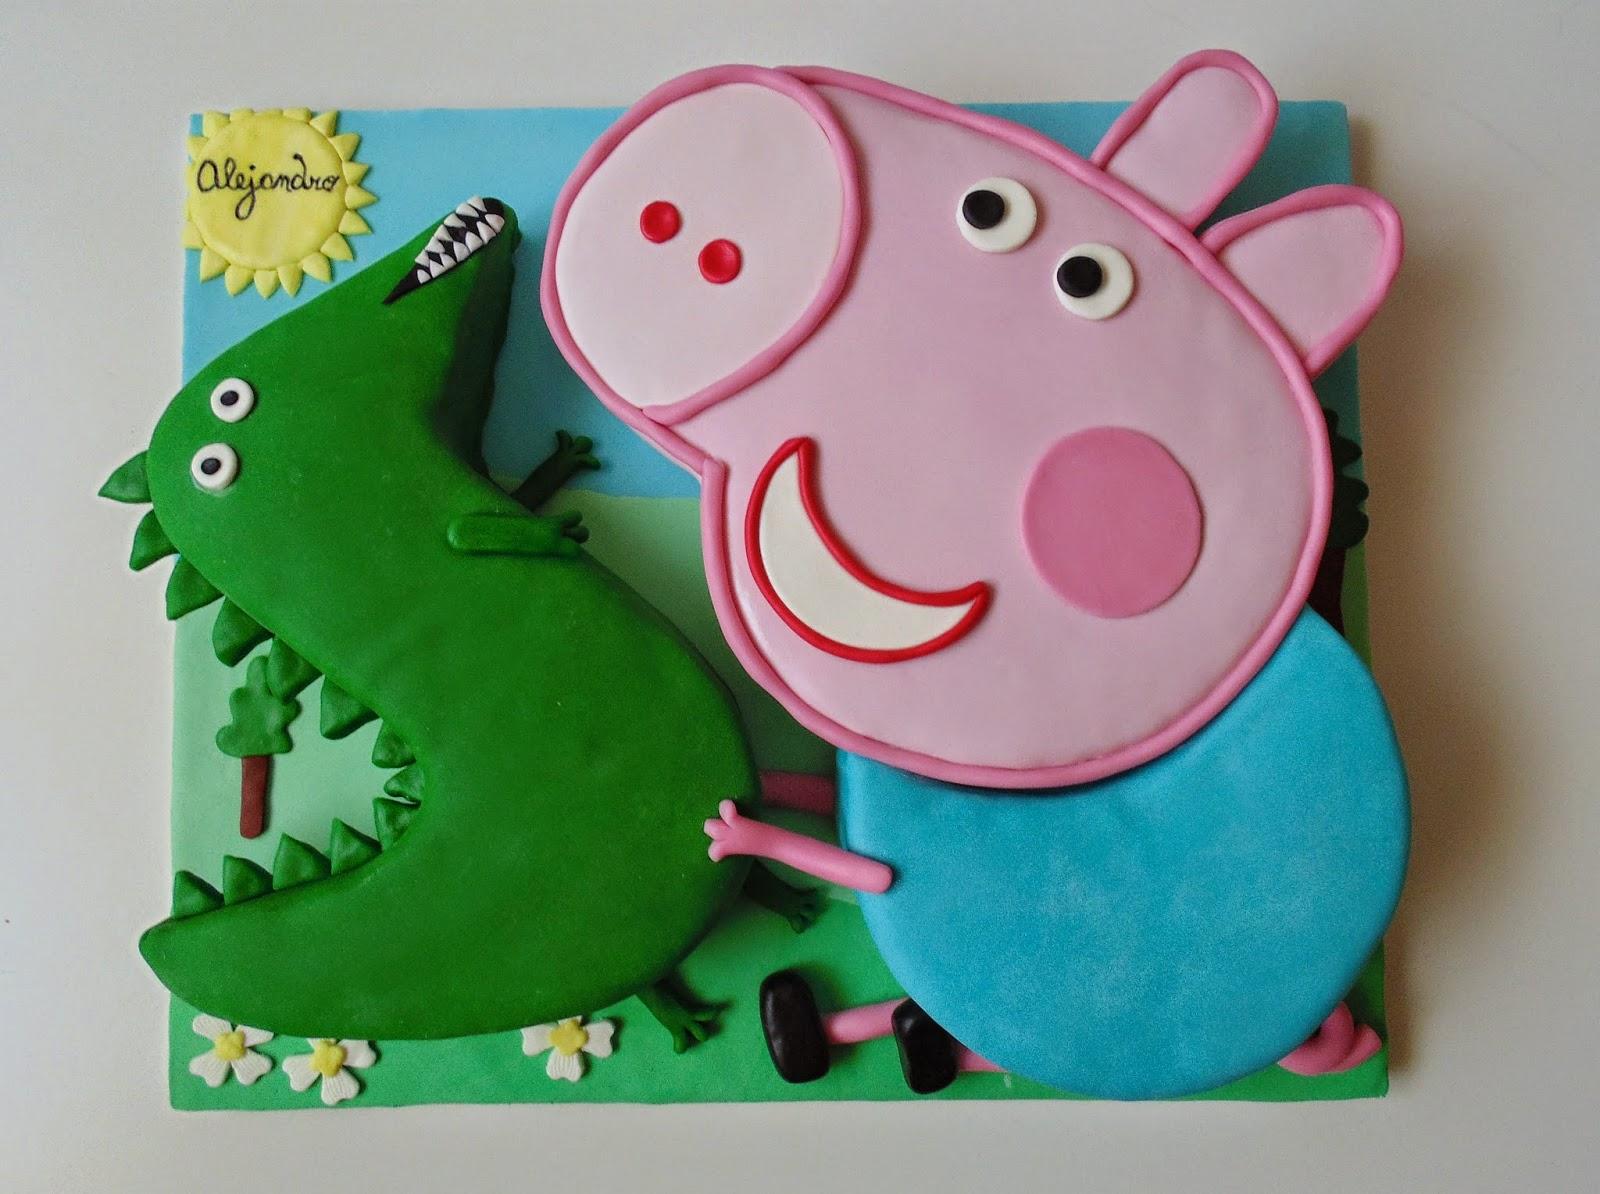 Horno De Dinosauriopepa George ObsesiónPastel El Pig Y 08wXknOP